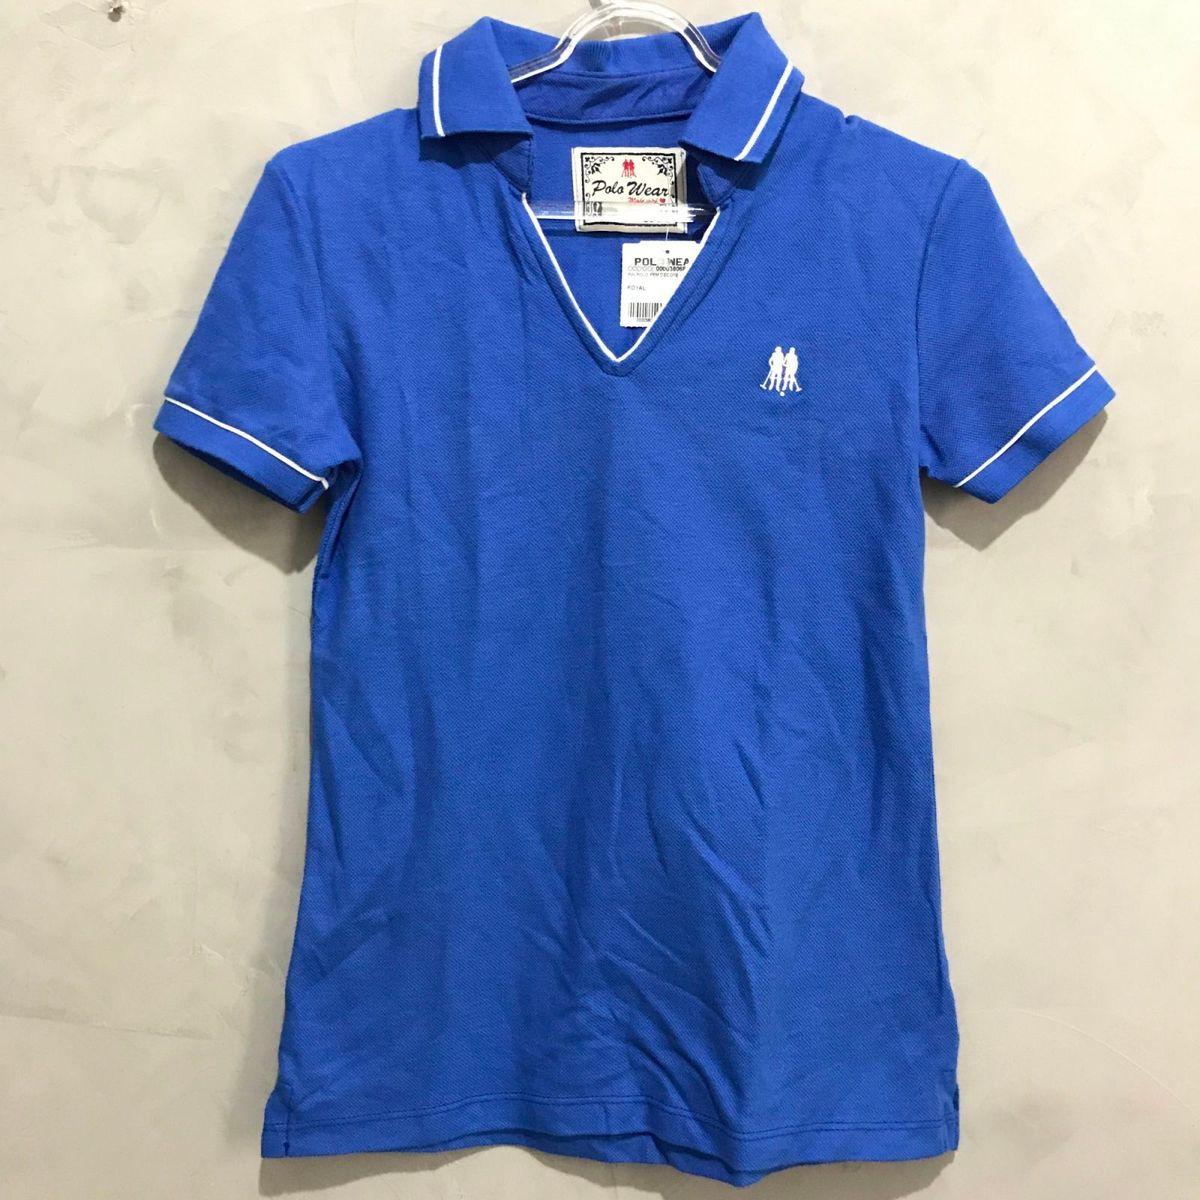 50f7f4144a camisa polo polo wear bordado - camisas polo wear.  Czm6ly9wag90b3muzw5qb2vplmnvbs5ici9wcm9kdwn0cy80odaznjmvmmyxmwi1yzq5nzi3ymu4ngq0ngq4njmwnjgxztyxzweuanbn  ...